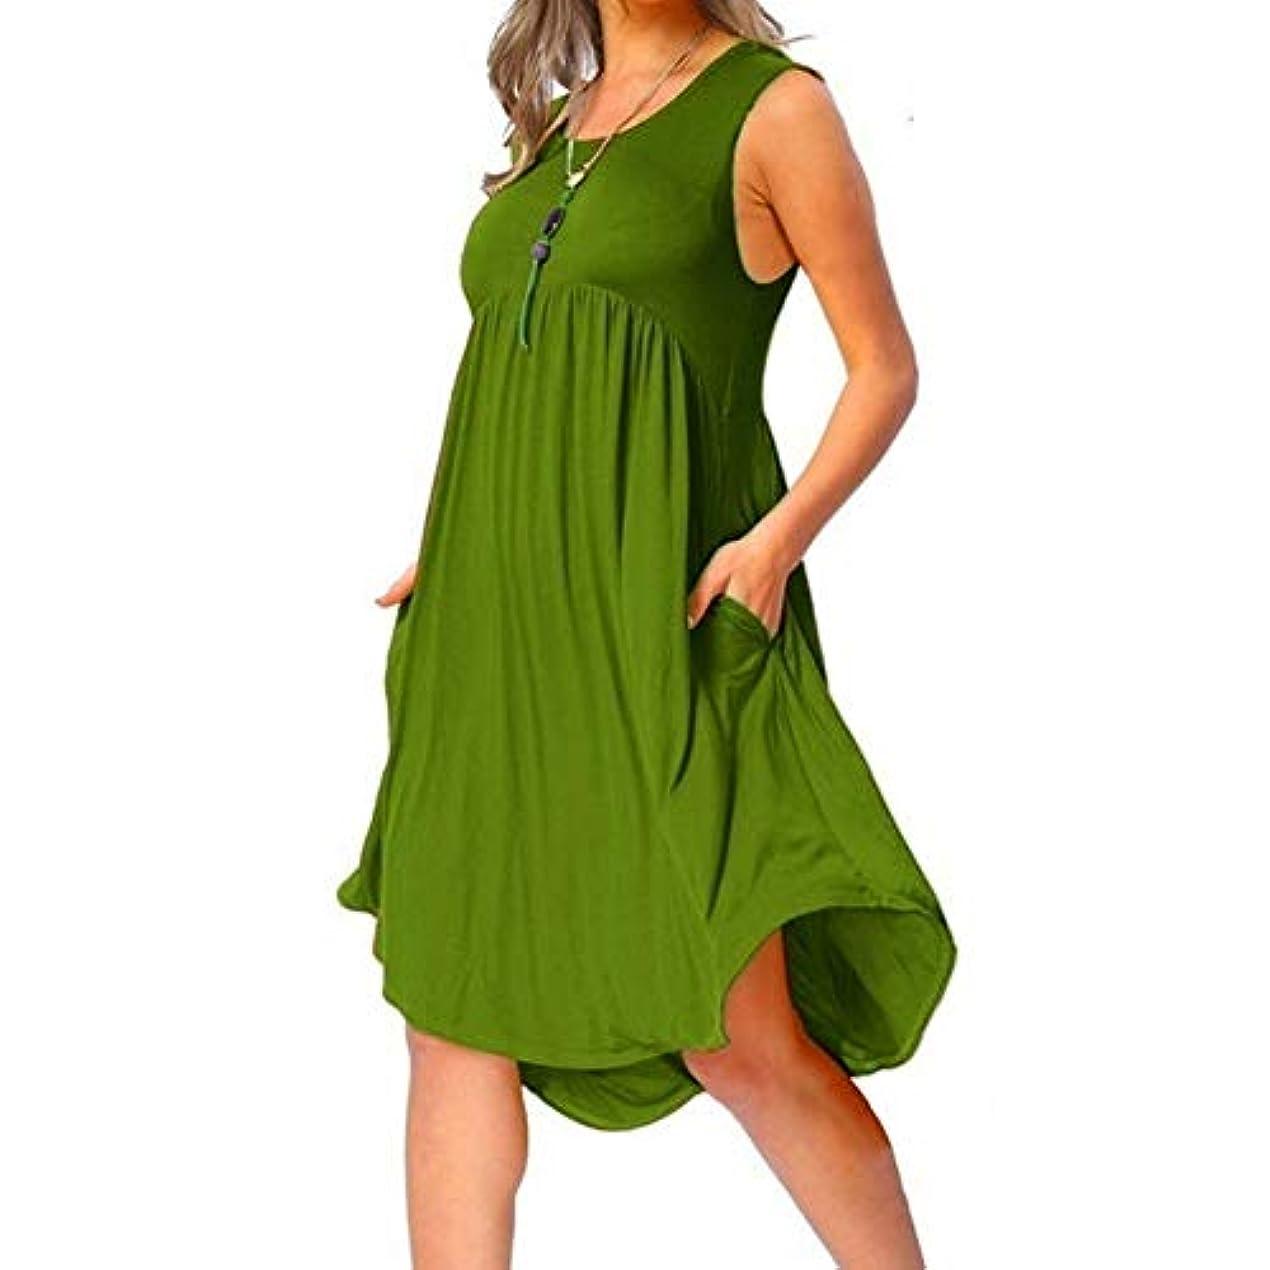 権限を与える単なる仮説MIFAN の女性のドレスカジュアルな不規則なドレスルースサマービーチTシャツドレス